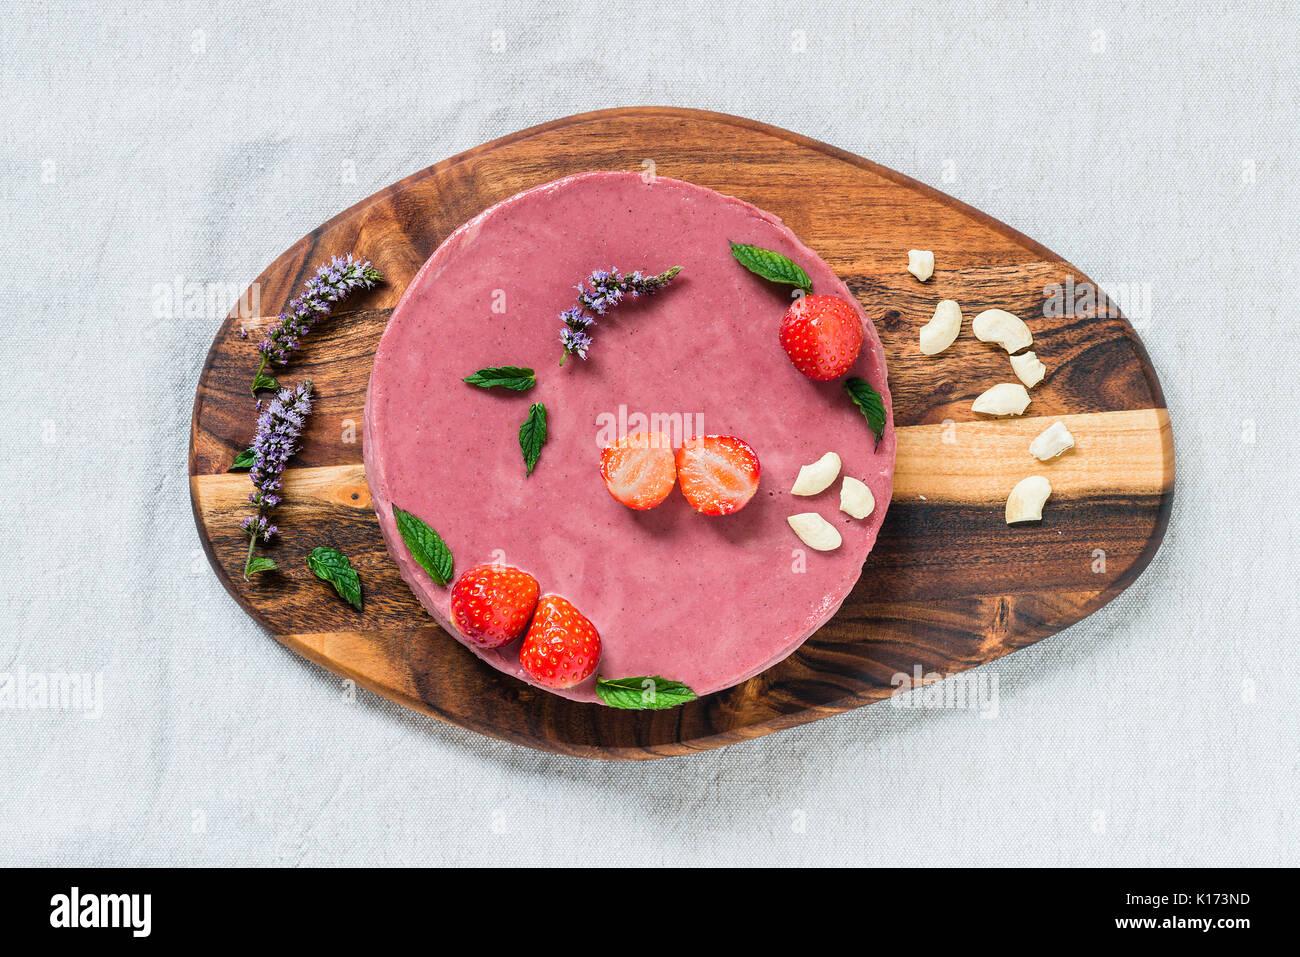 Gâteau au fromage fait maison, en bonne santé de matières premières avec la menthe et les fraises. Vue d'en haut Photo Stock